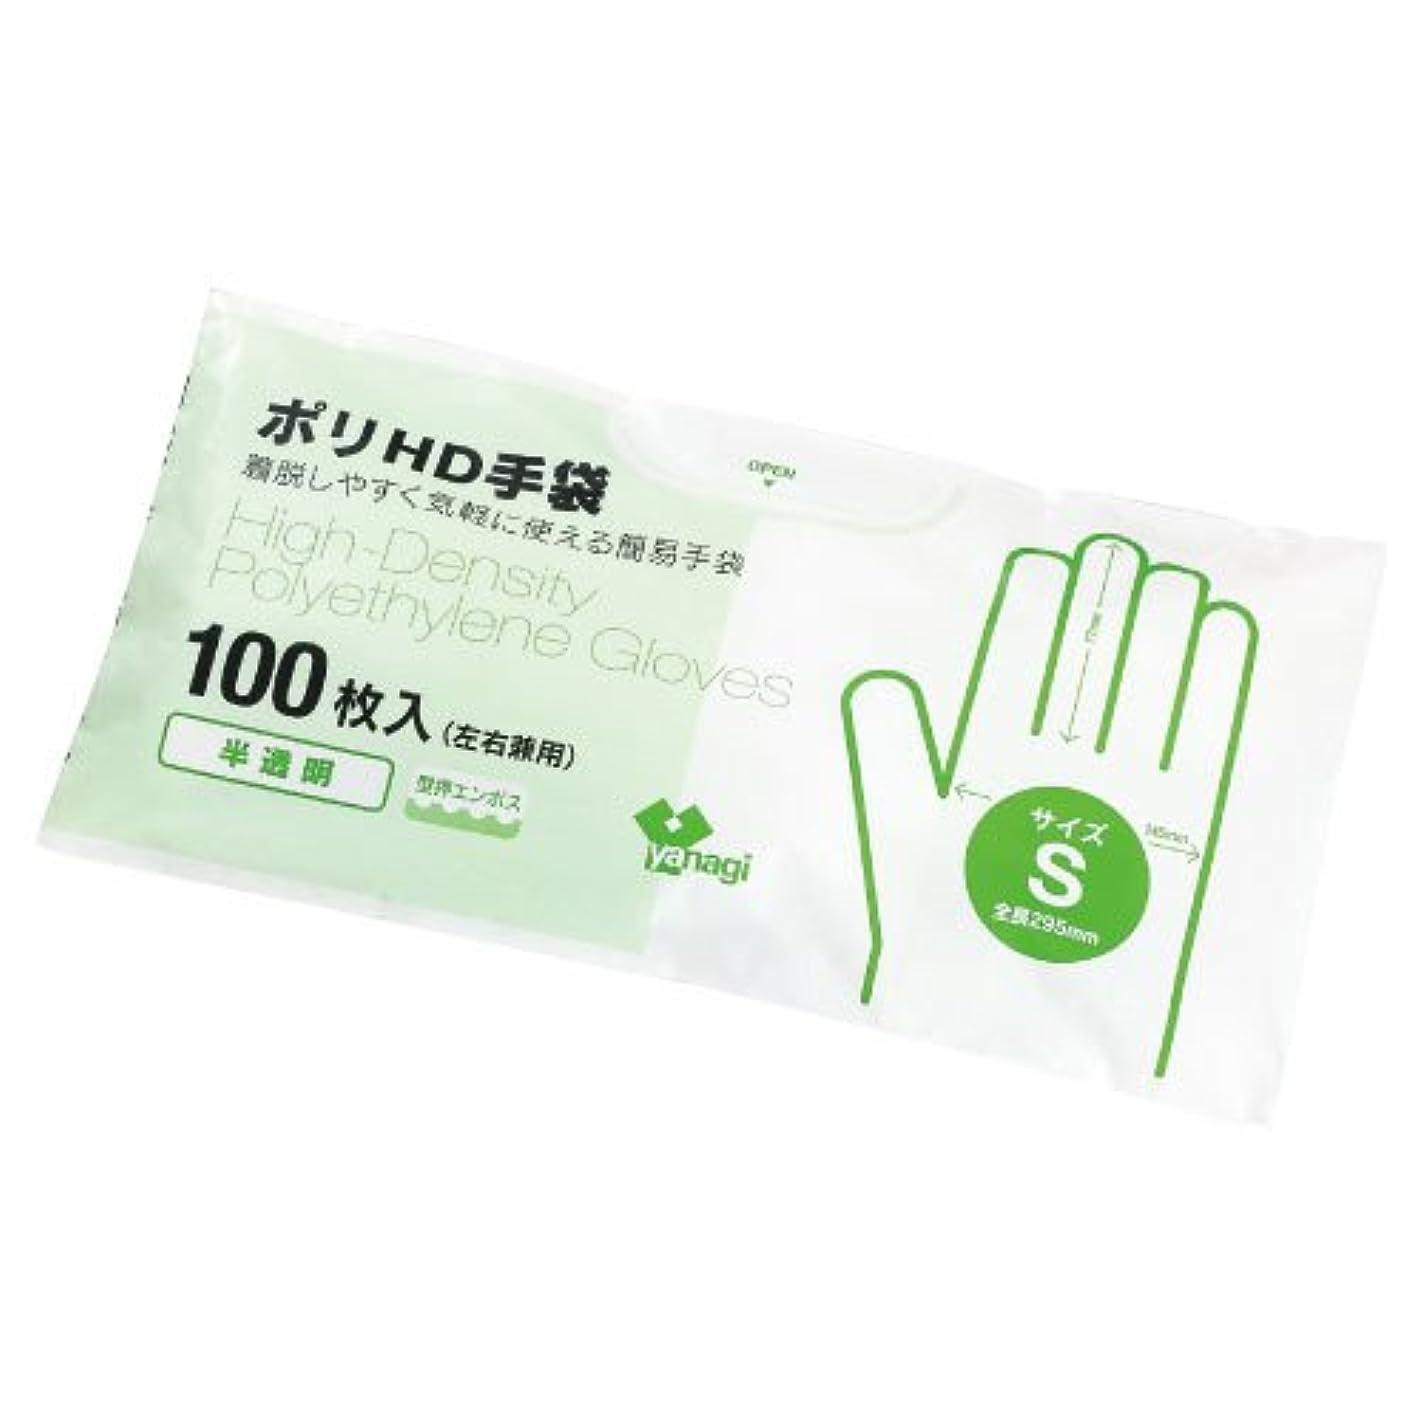 リンス和解するバッジポリHD手袋(半透明)型押エンボス TB-203(M)100???? ???HD???????????????(24-2575-01)【やなぎプロダクツ】[120袋単位]